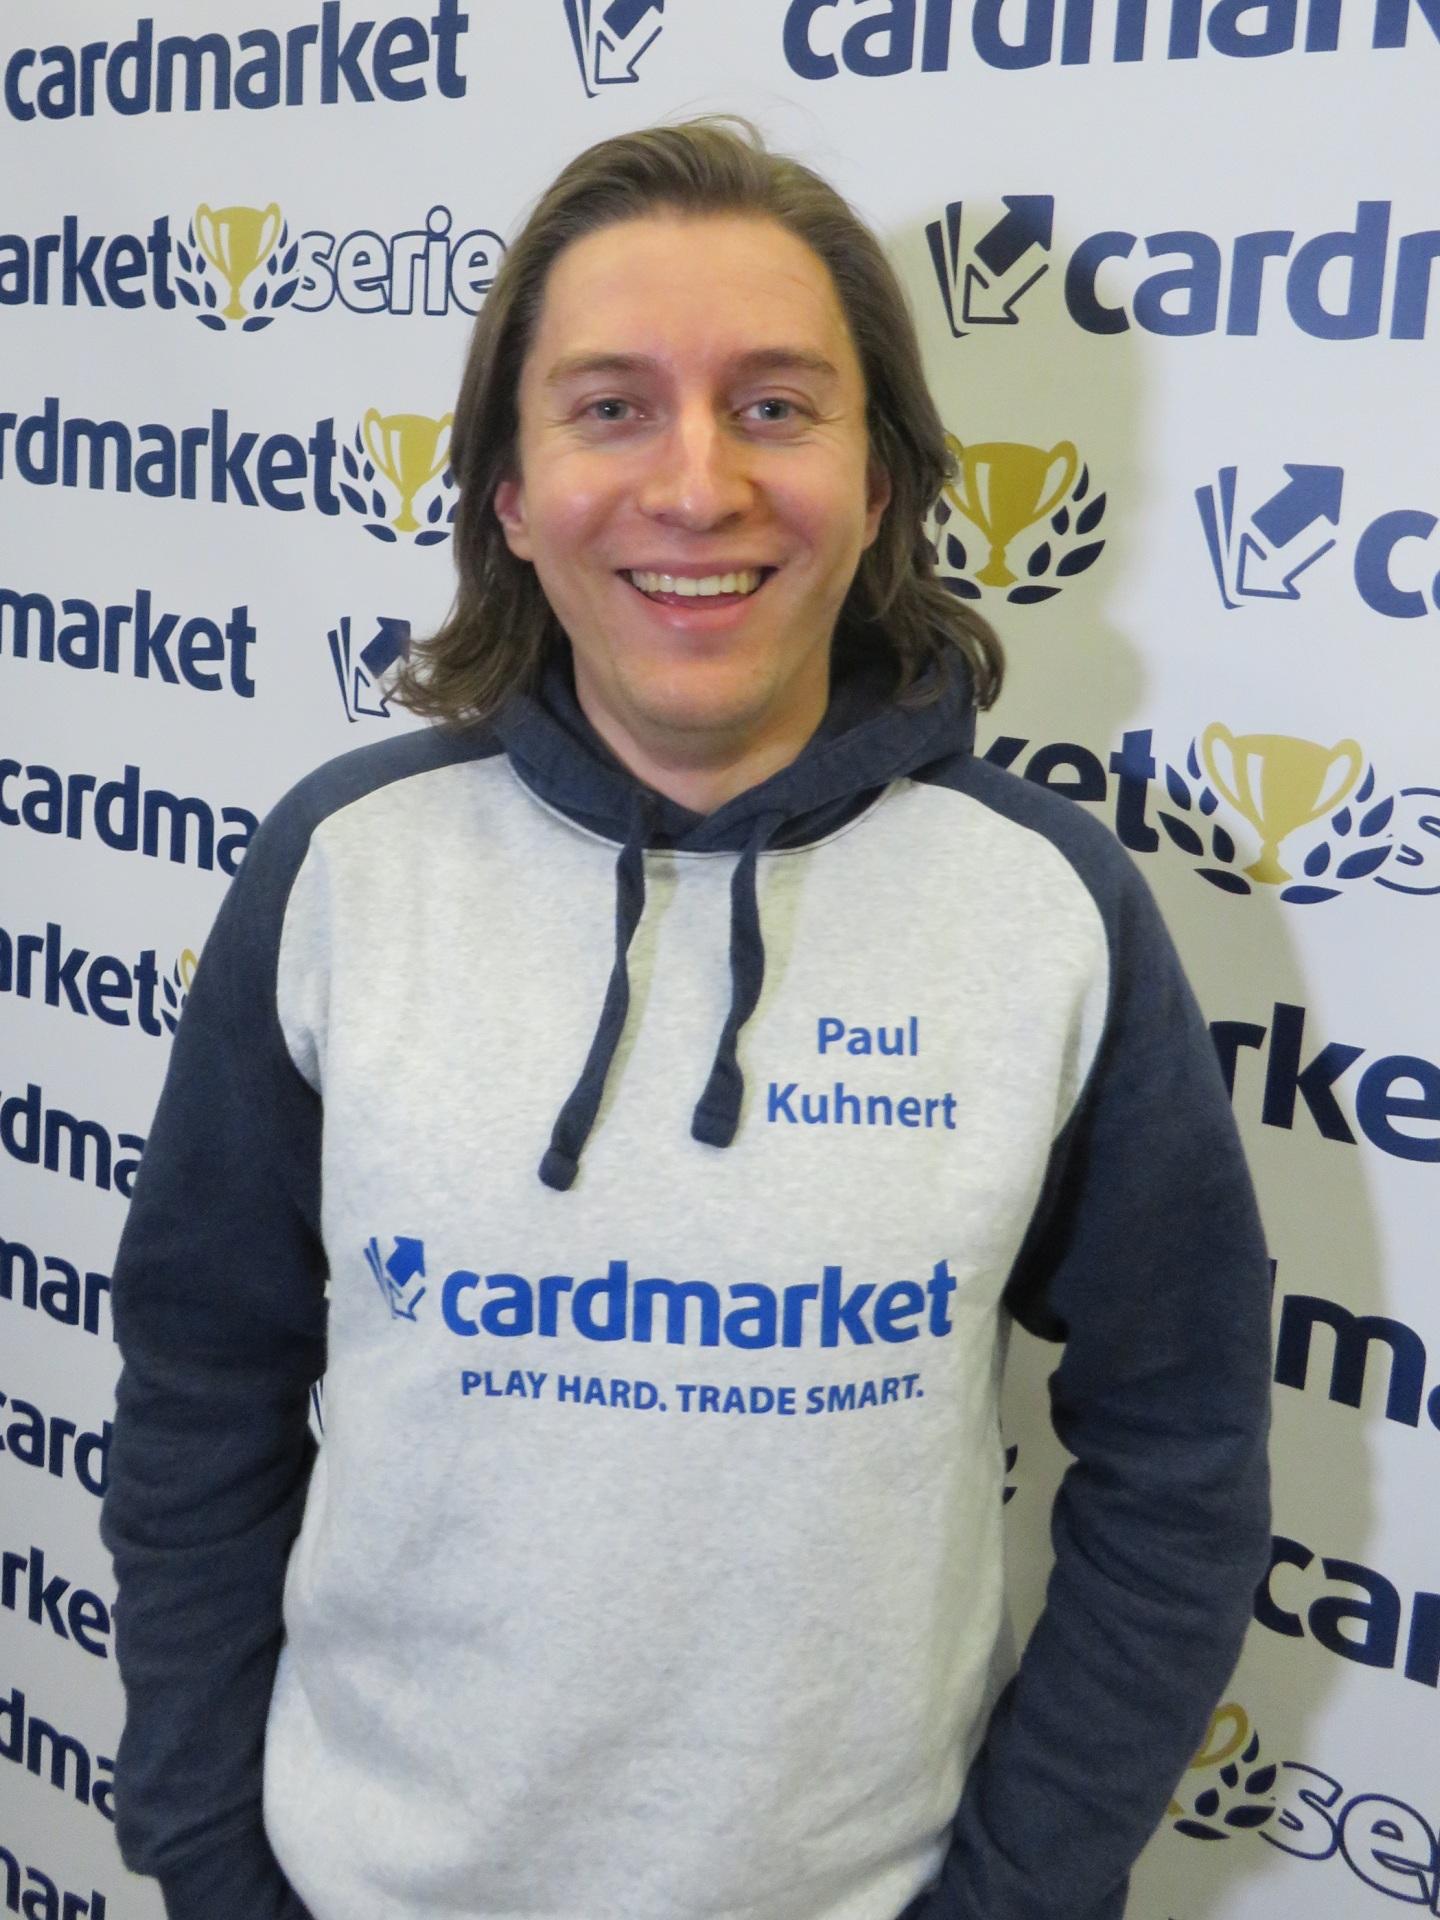 Paul Kuhnert